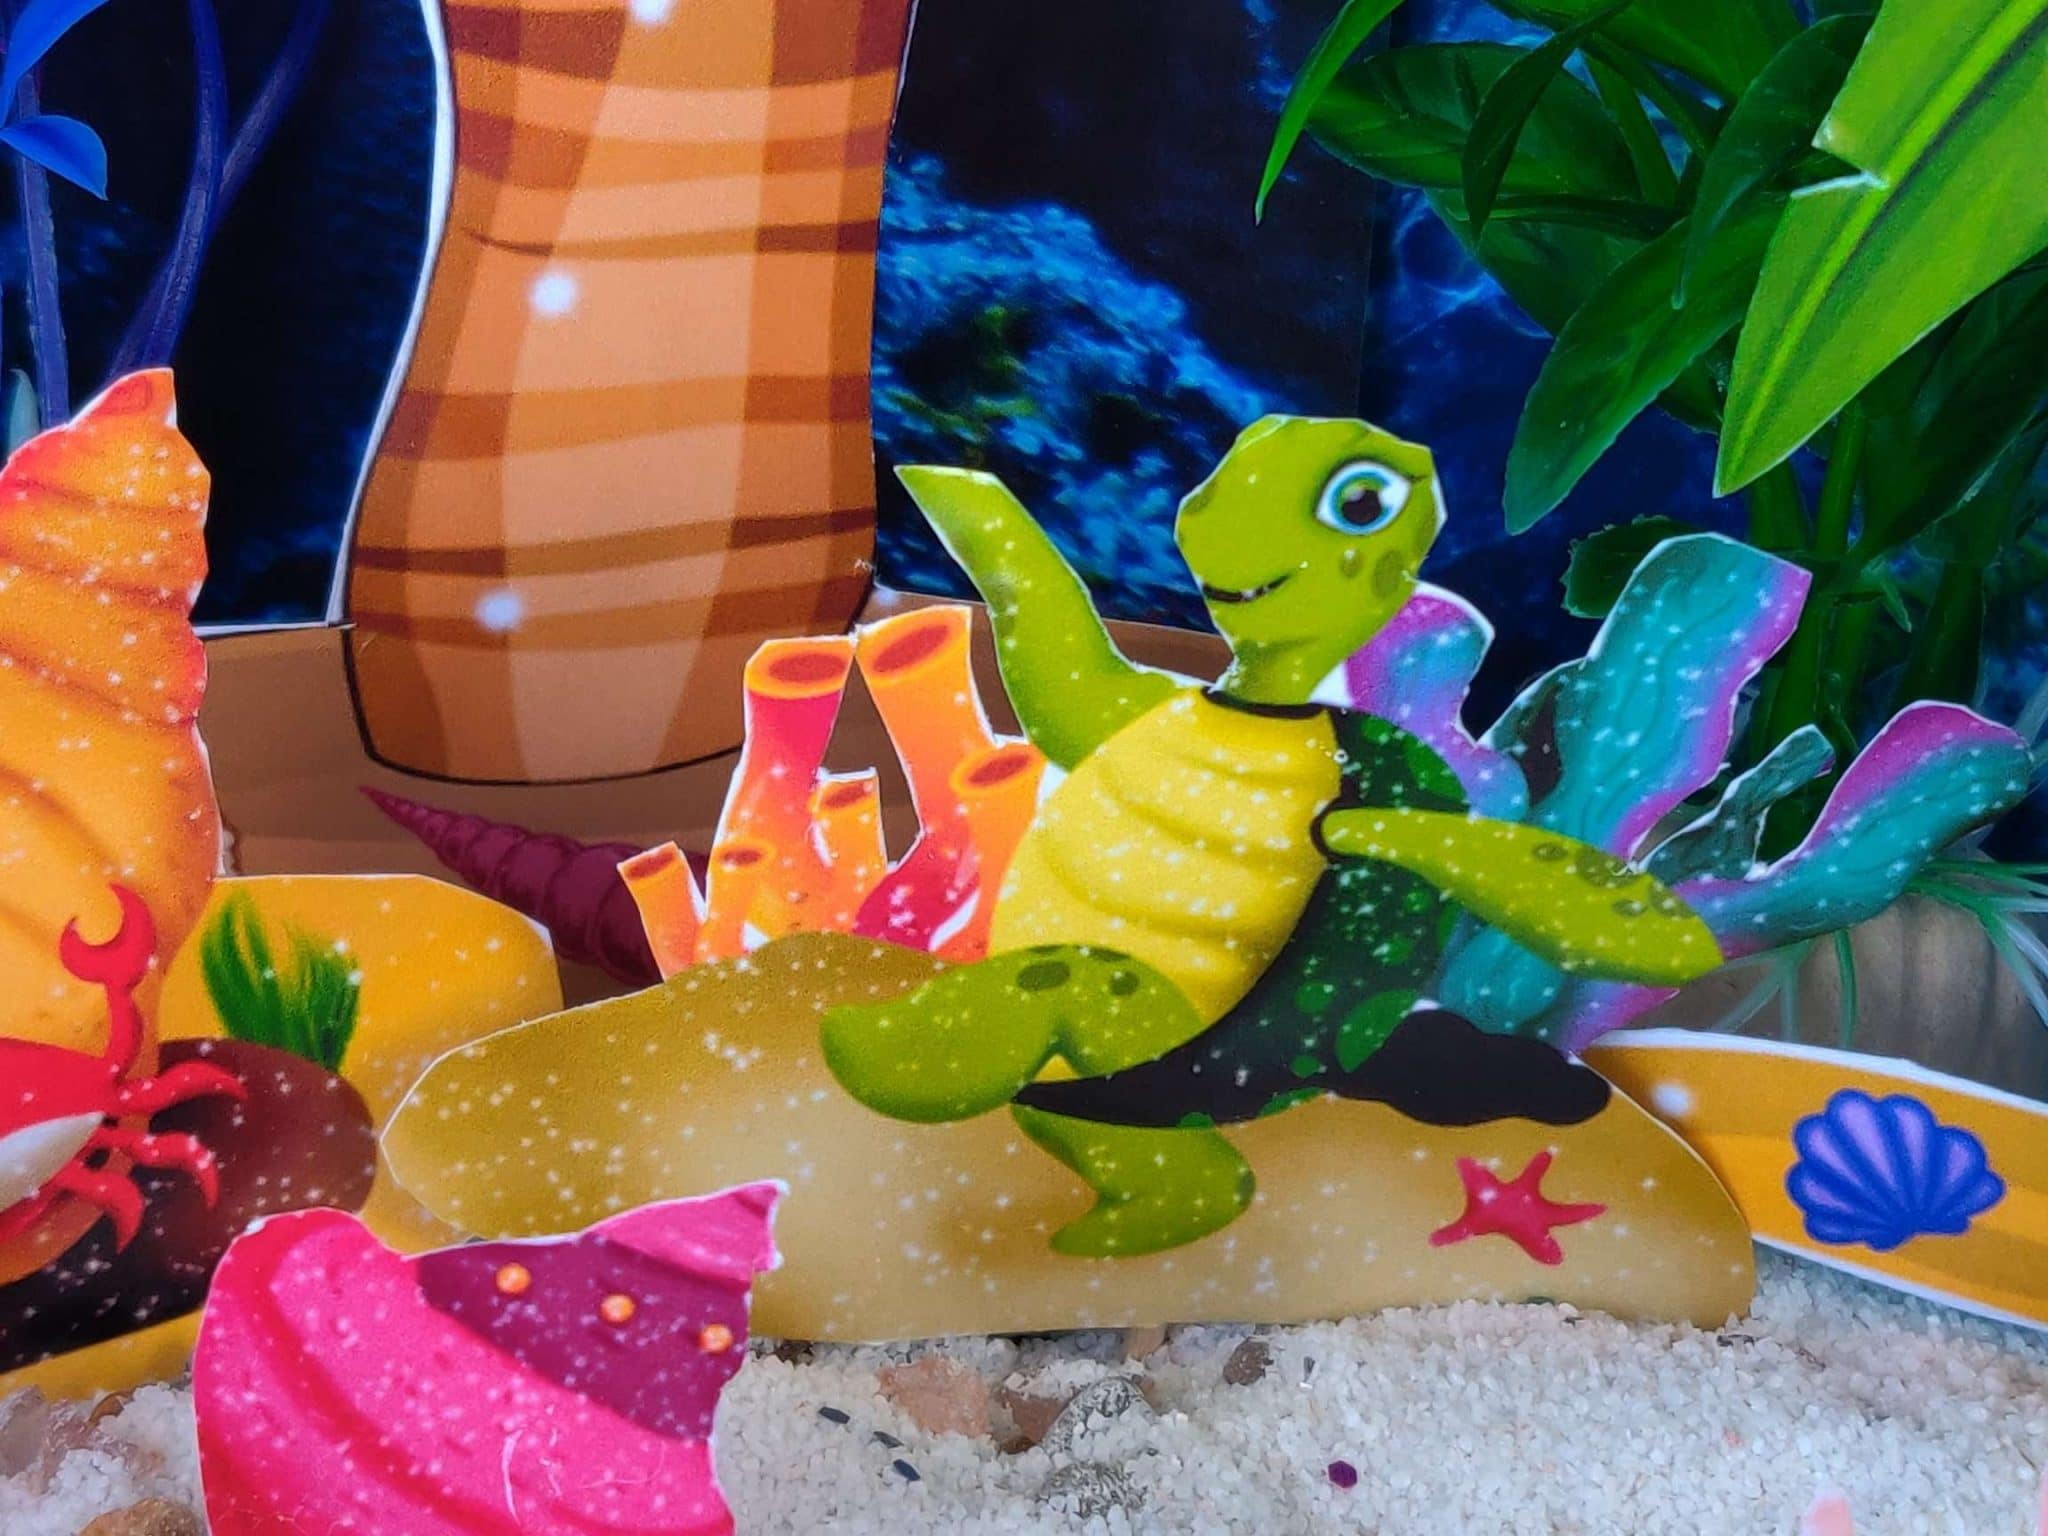 mermaid ifg actual 6